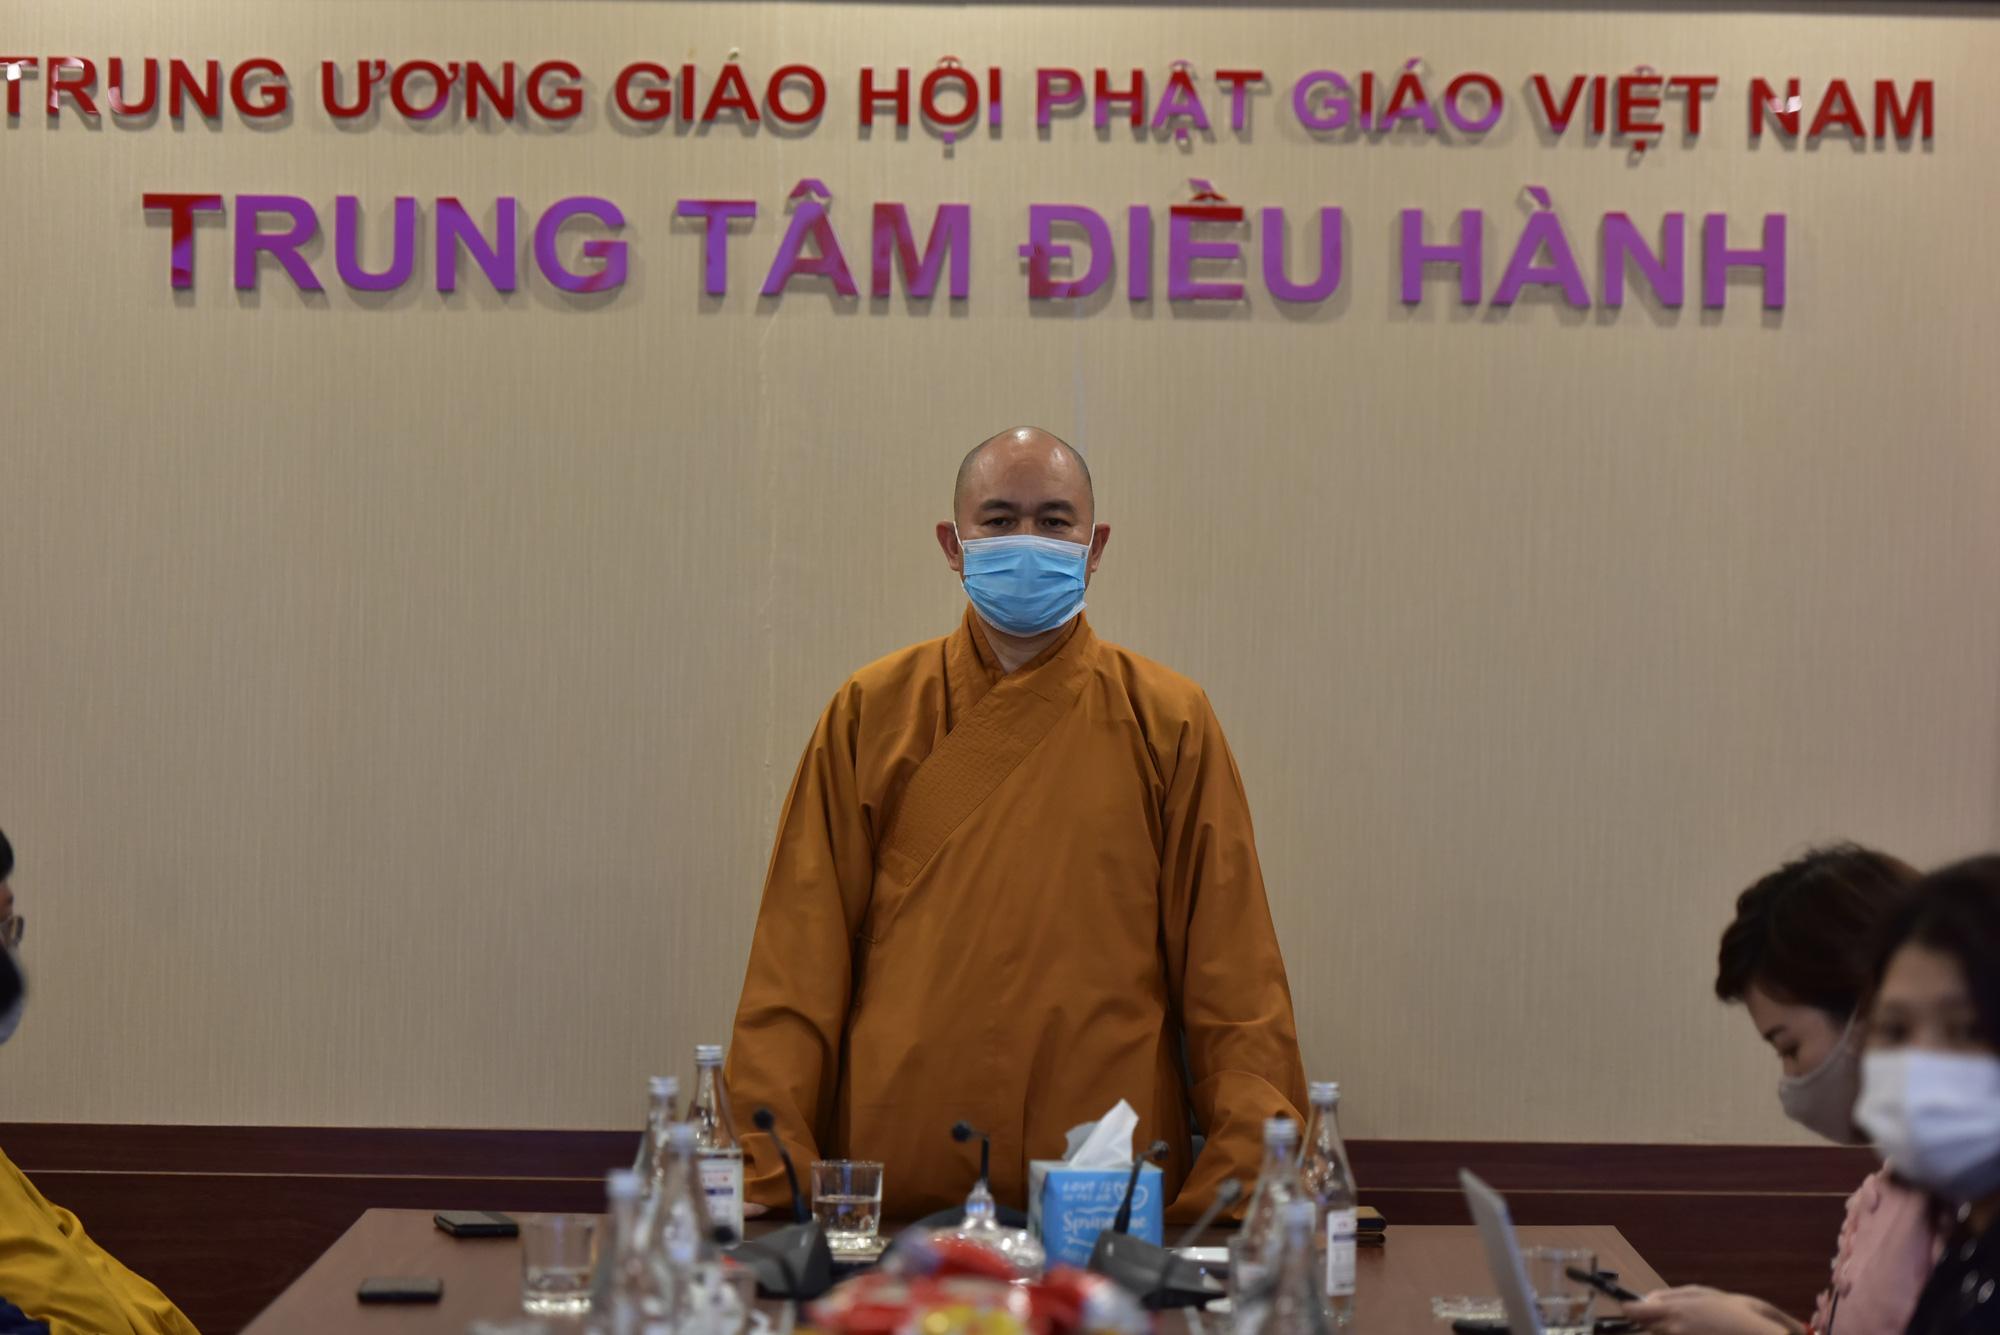 Giáo hội Phật giáo Việt Nam nói gì về cúng dường qua ví điện tử gây tranh cãi? - Ảnh 1.